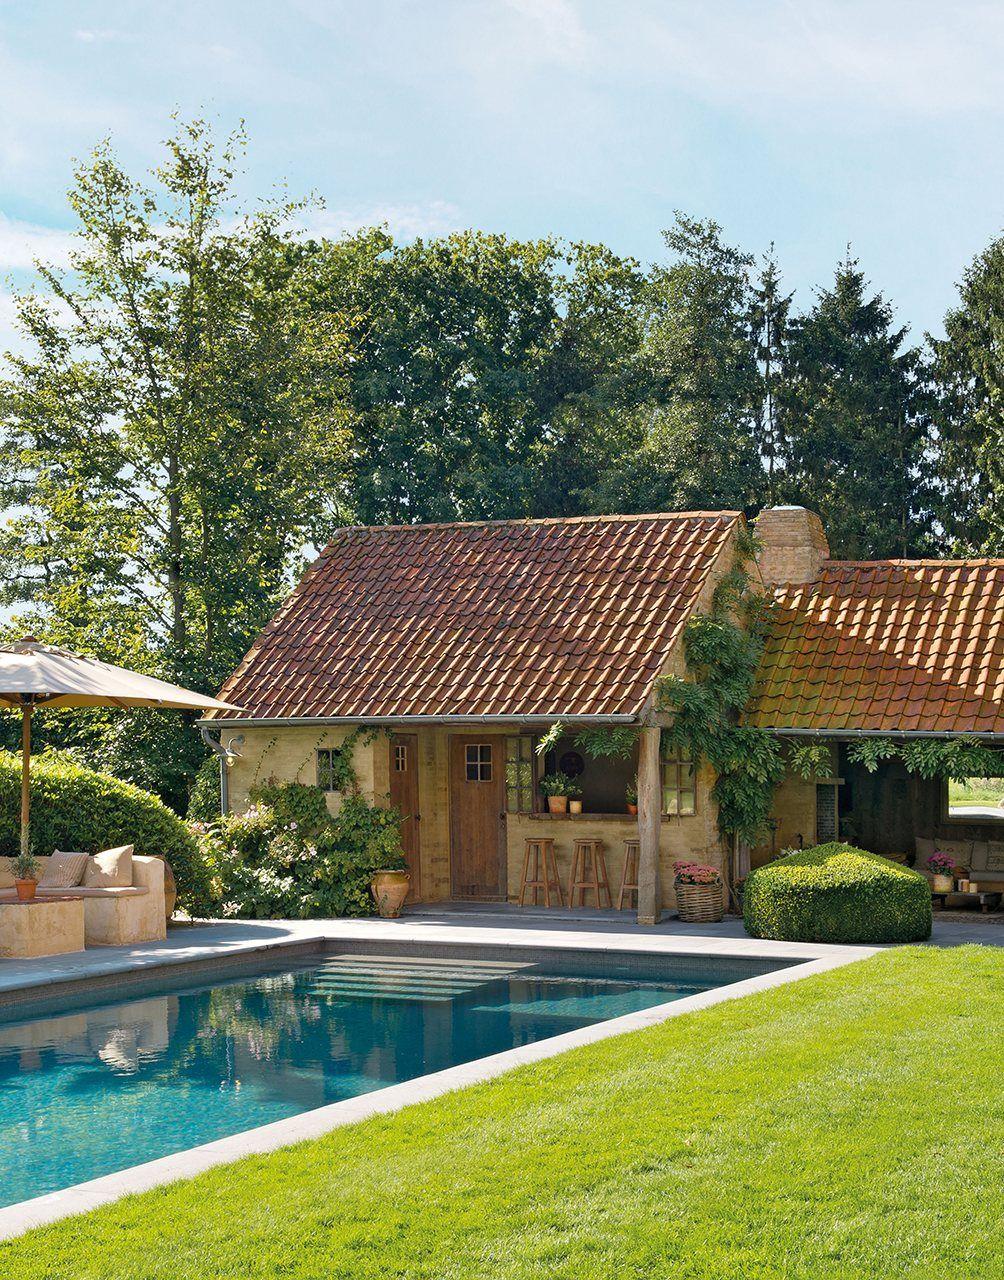 Una casa de campo muy acogedora con un jard n y un porche de ensue o my home pinterest la - Casas de campo con jardin ...